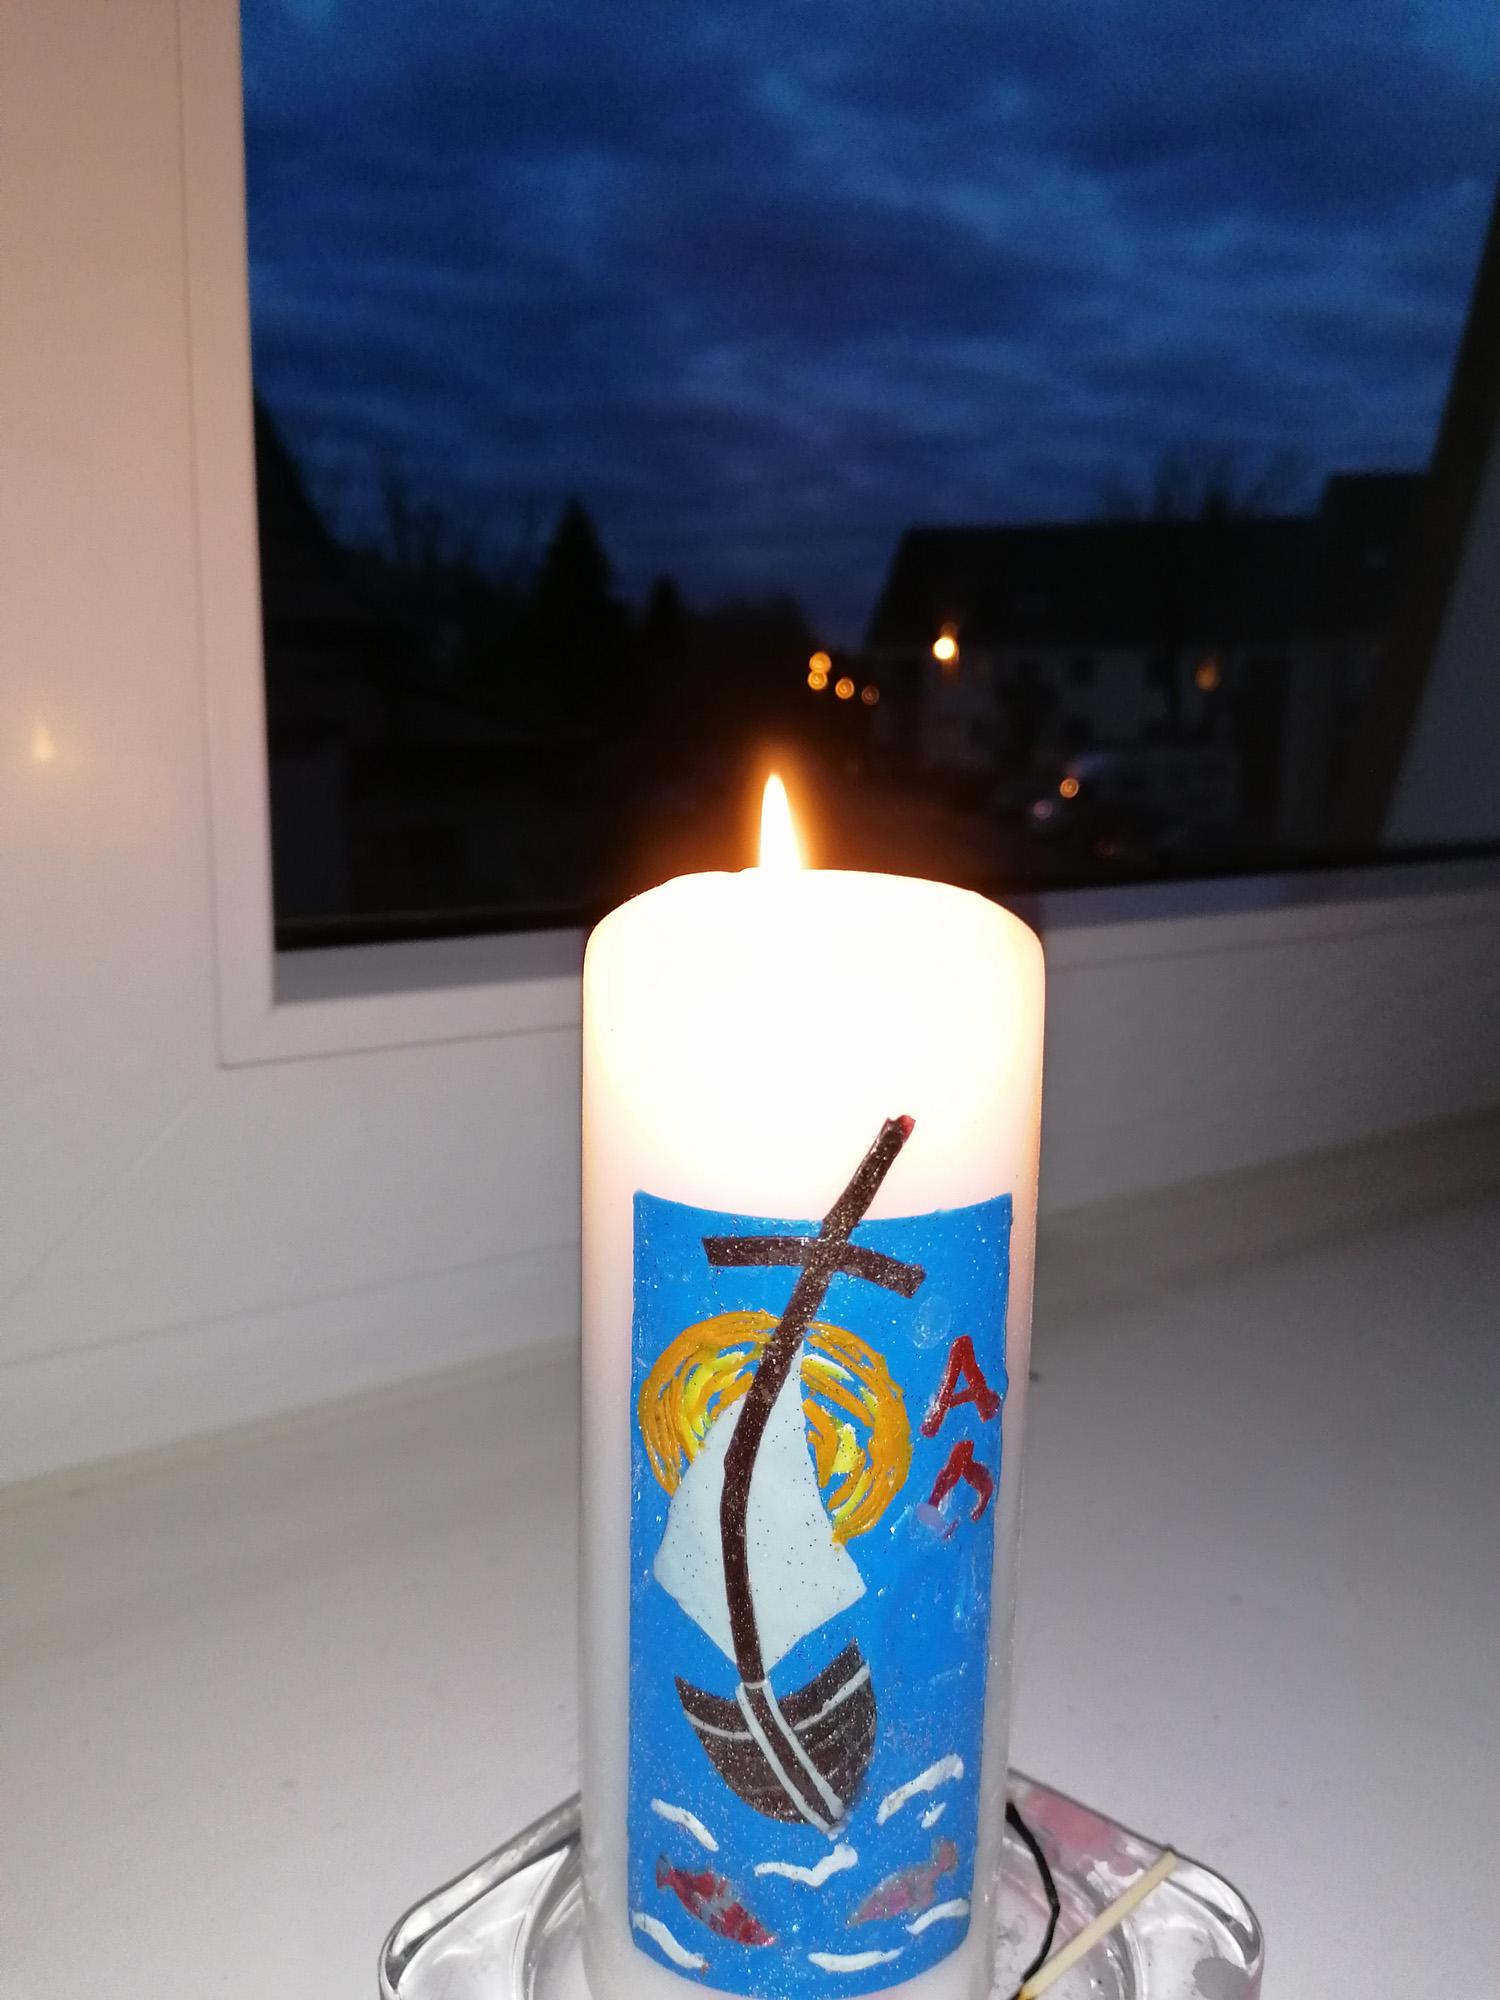 So vertreiben in den Fenstern unseres Wohnzimmers jeden Abend die Osterkerzen der letzten Jahre die Dunkelheit, grüßt JE aus Holtenau